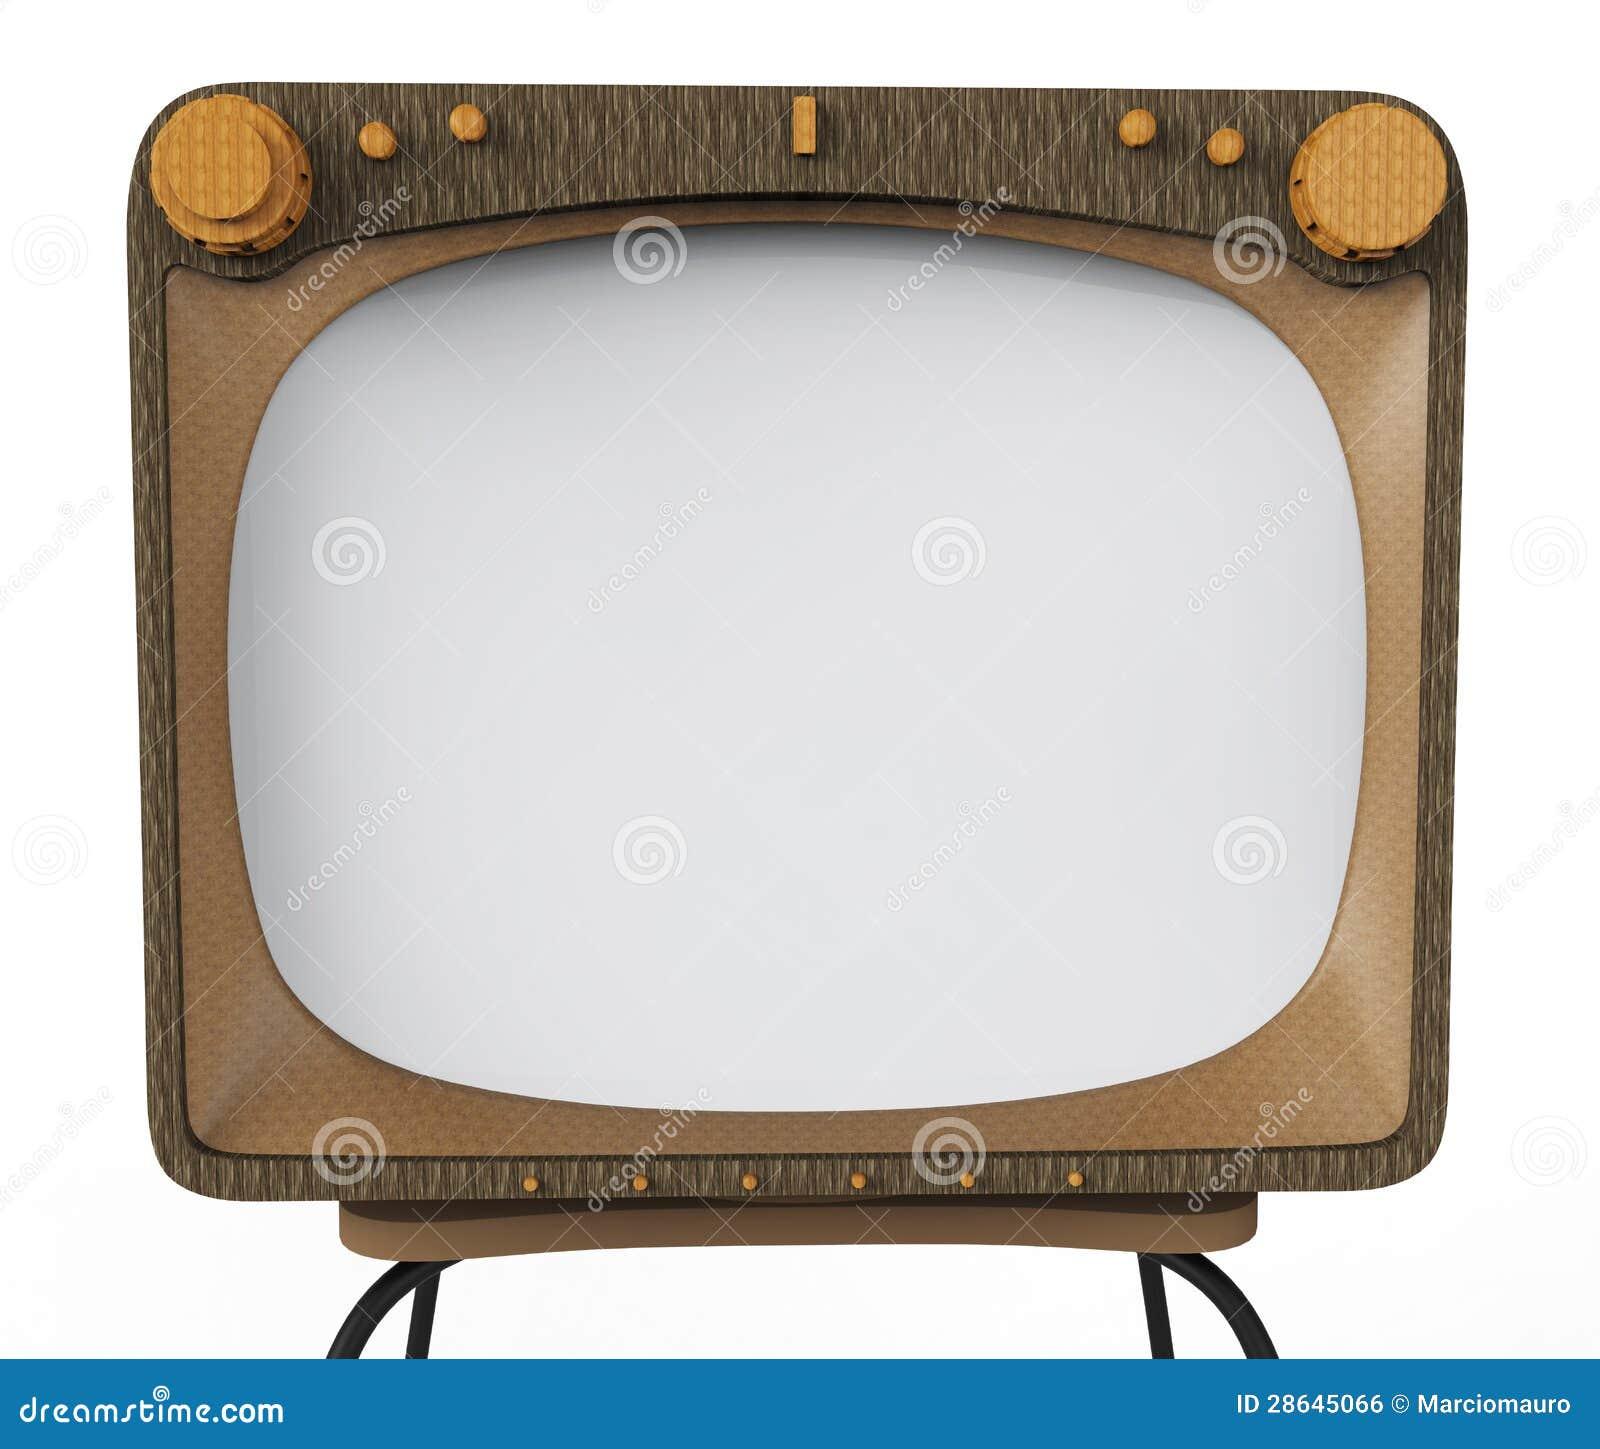 old tv set for advertising stock illustration image of. Black Bedroom Furniture Sets. Home Design Ideas